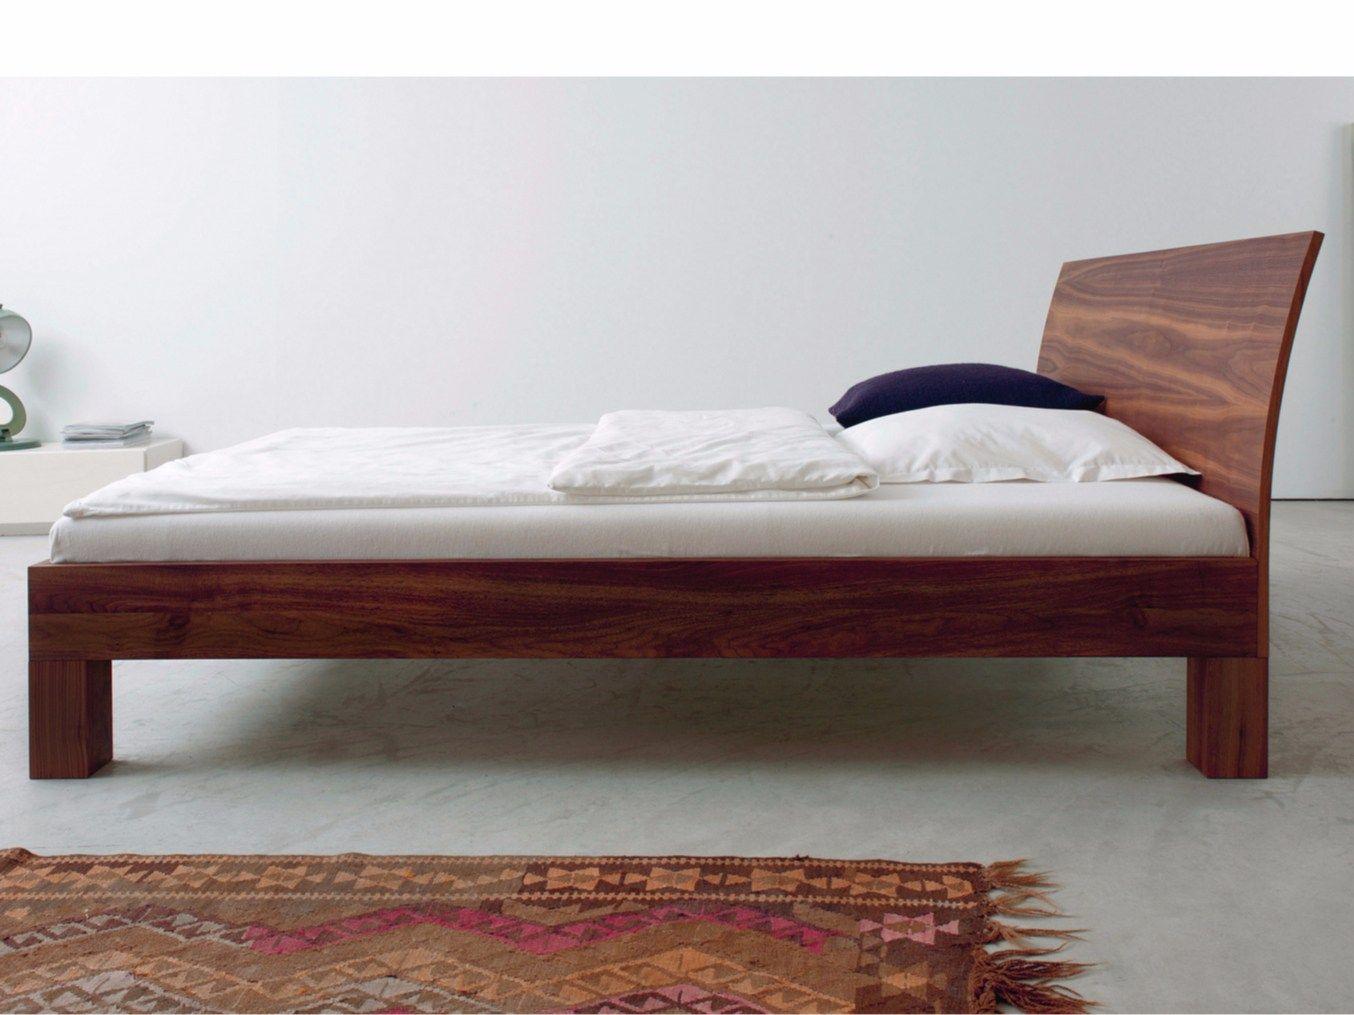 Letto matrimoniale in legno in stile moderno cama by more - Letto stile moderno ...